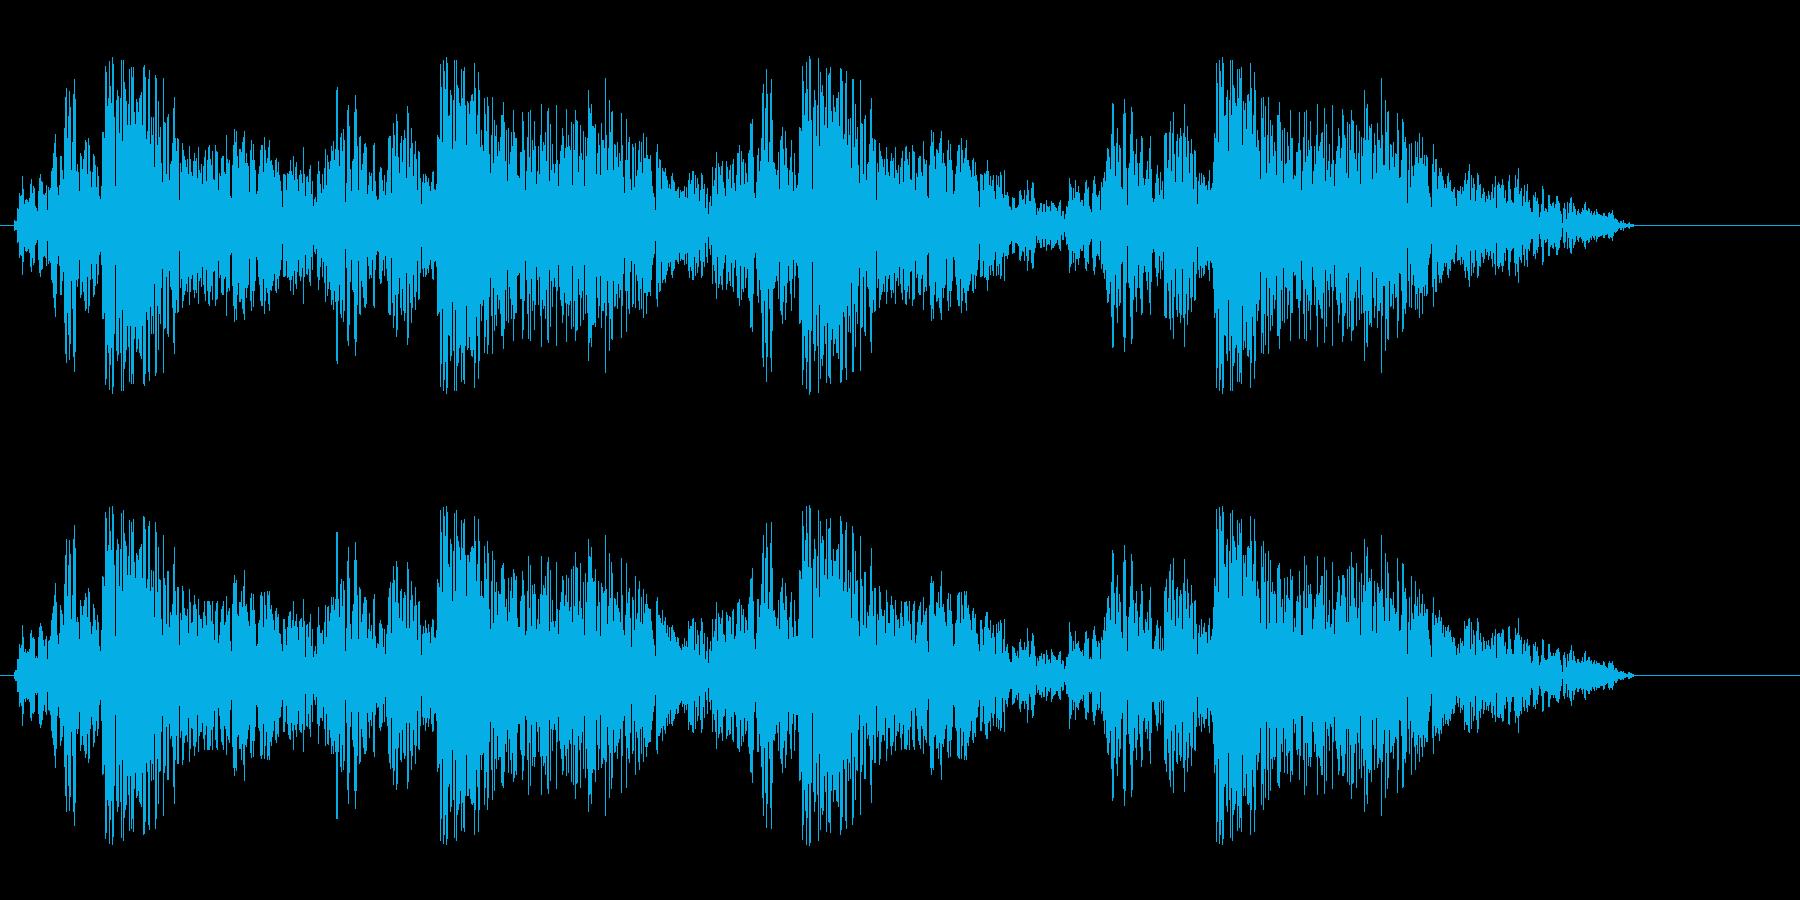 グギャグギャ(密林での動物の鳴き声)の再生済みの波形